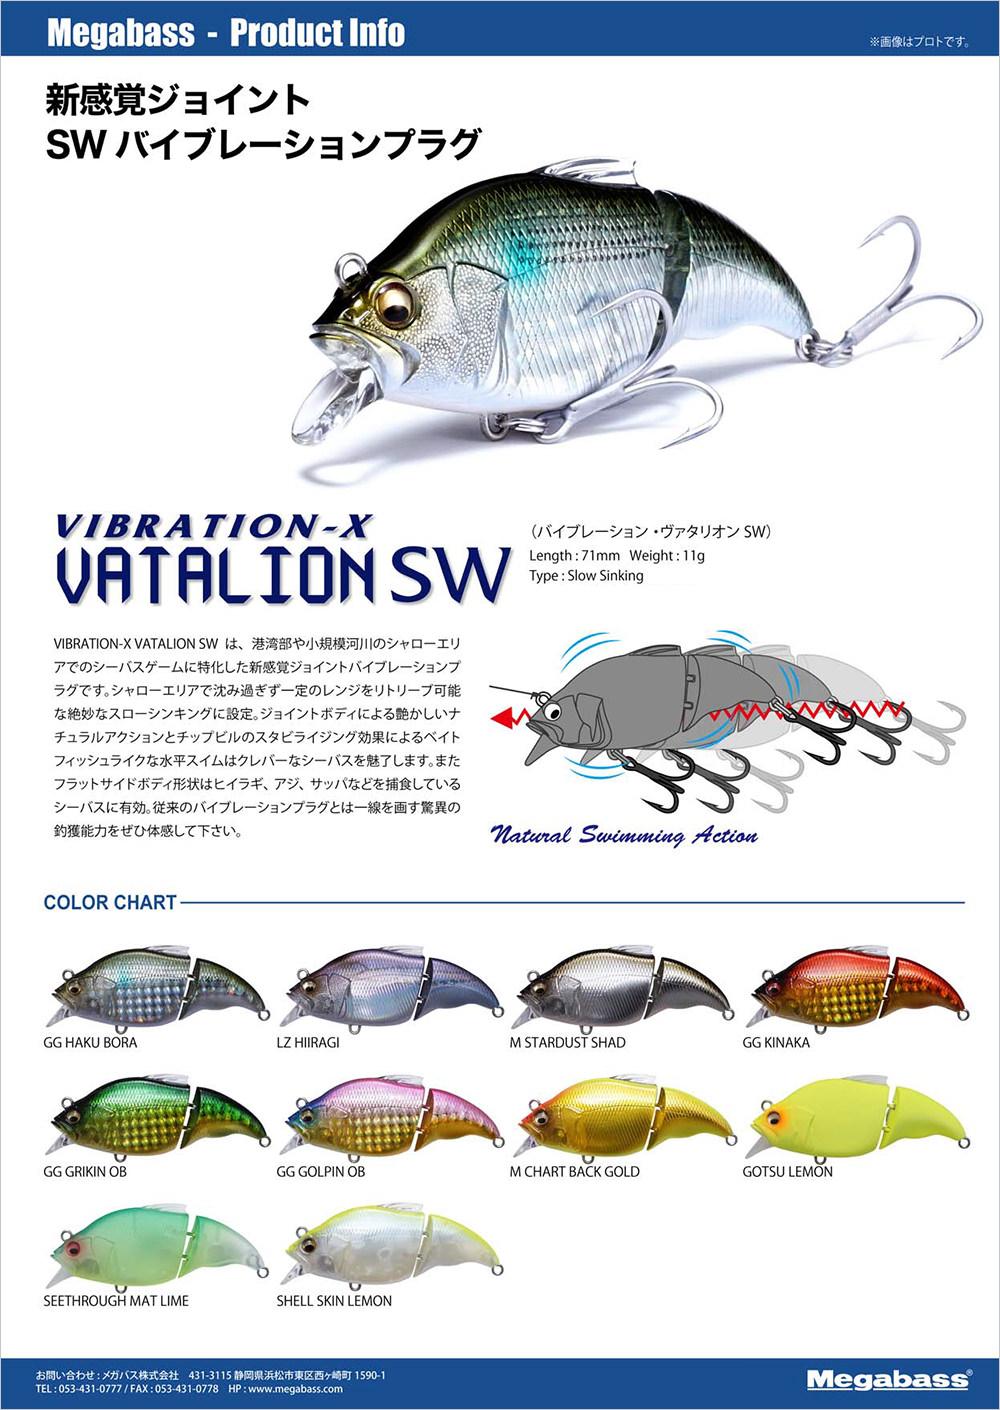 VIBRATION-X VATALION SW